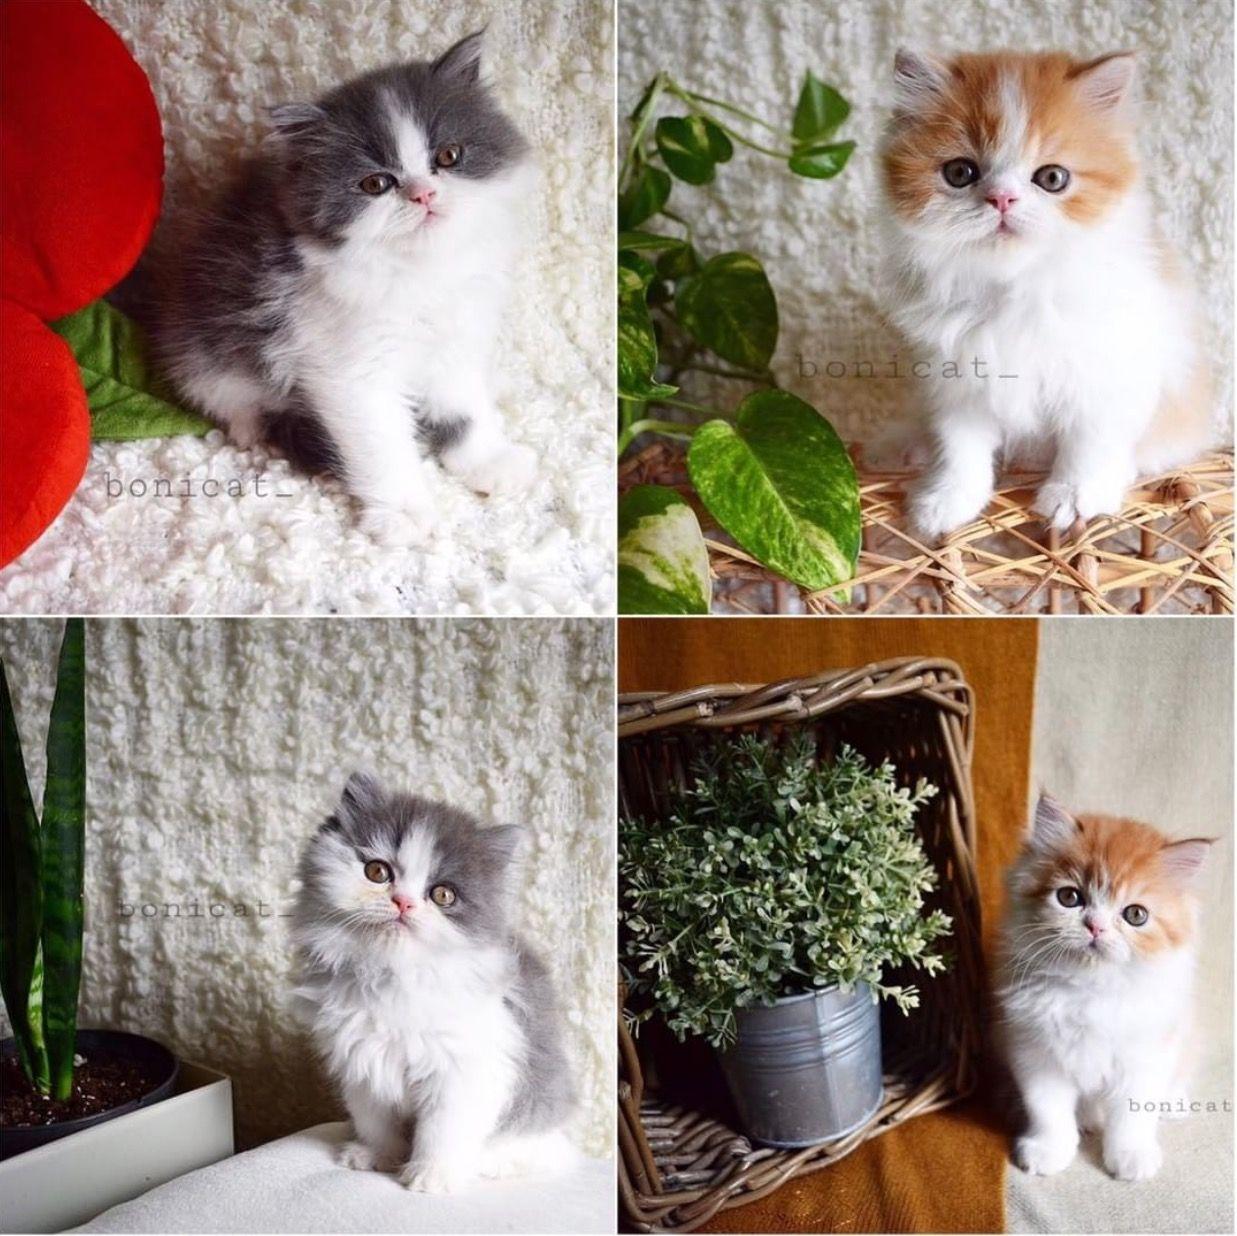 معلومات عن الاإعلان للبيع ٤ قطط صغيرة مستويات جميلة العمر شهرين واسبوع صحة جيدة وخالية من الأمراض ٢ ذكور و٢ اناث السعر ١٠٠٠ ريال لكل واحد في حال أخذ ا